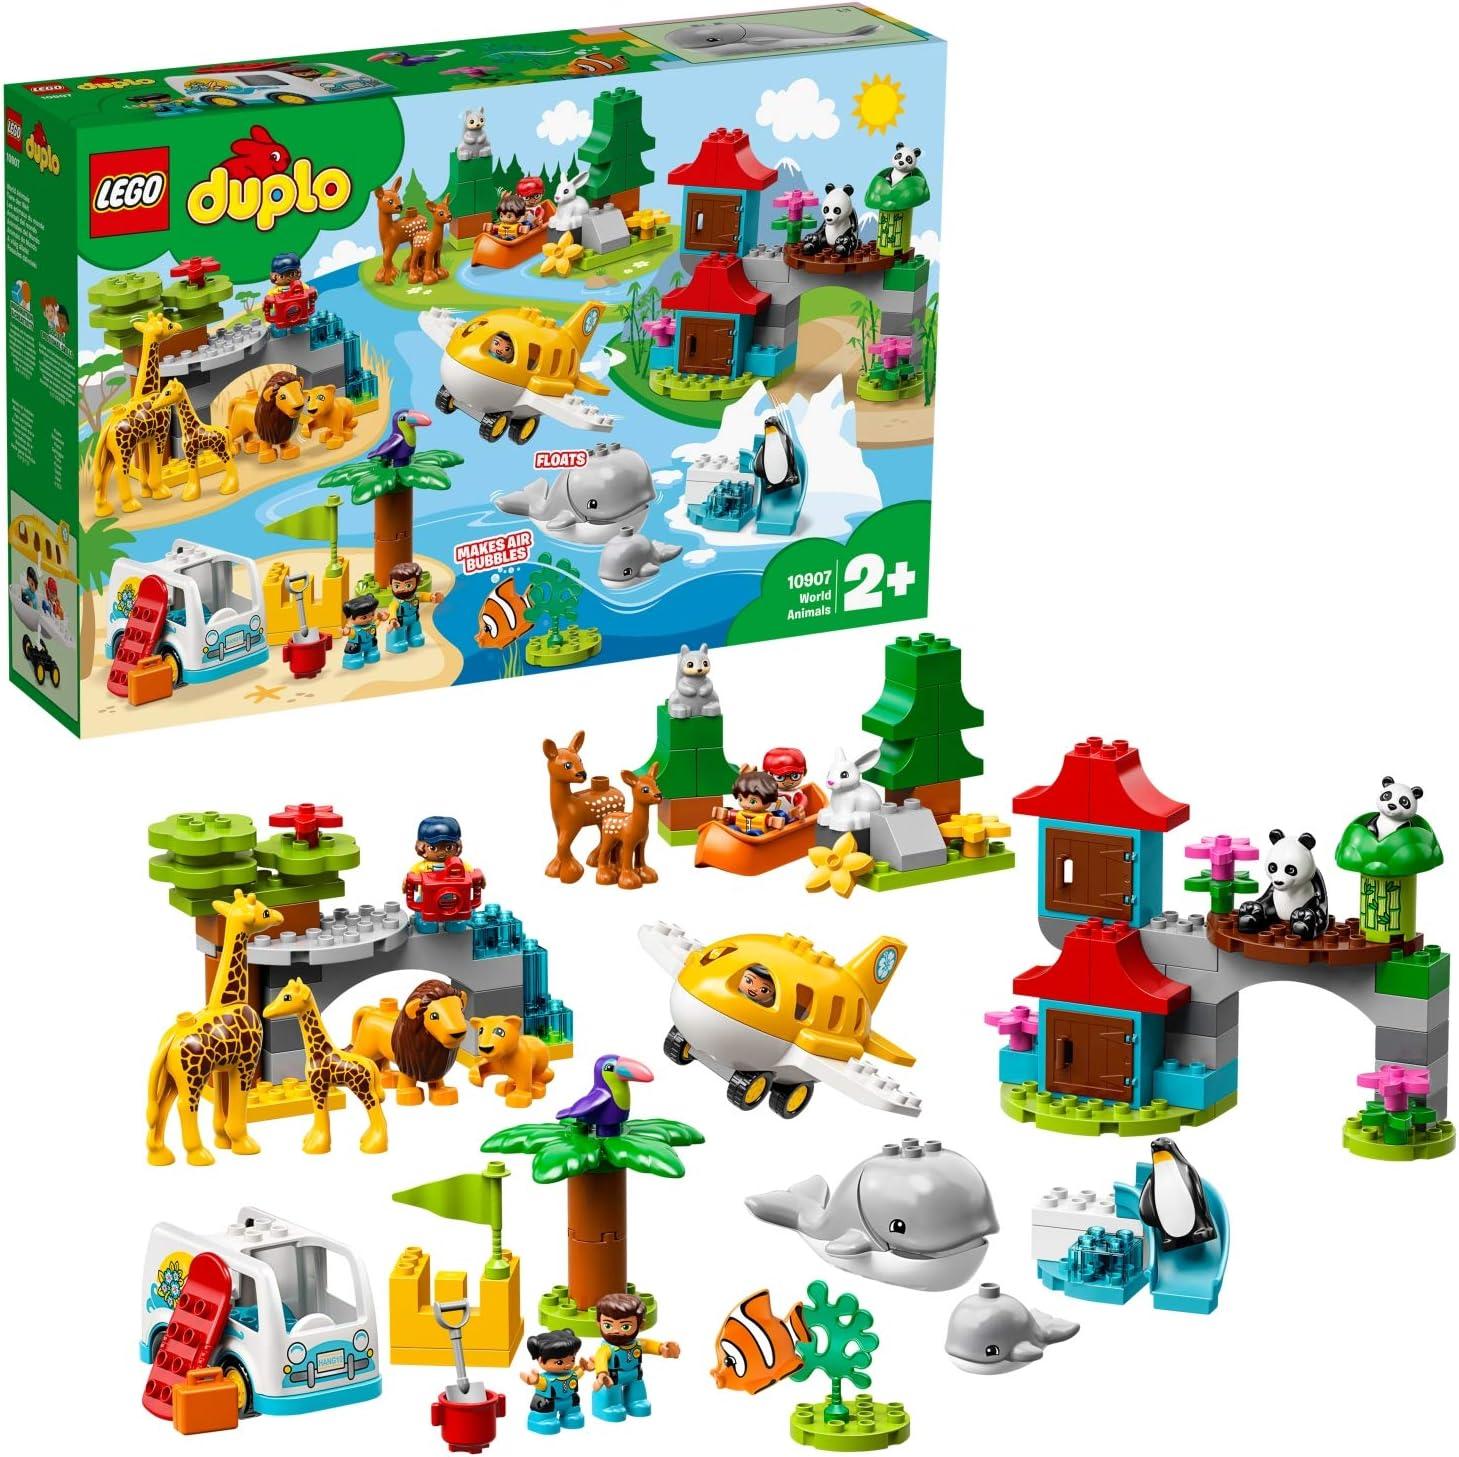 LEGO® DUPLO® Les animaux du monde Jouet d'Aventure Incluant 15 Animaux pour Tout Petits, Fille et Garçon dès 2 Ans, 121 Pièces de Construction 10907